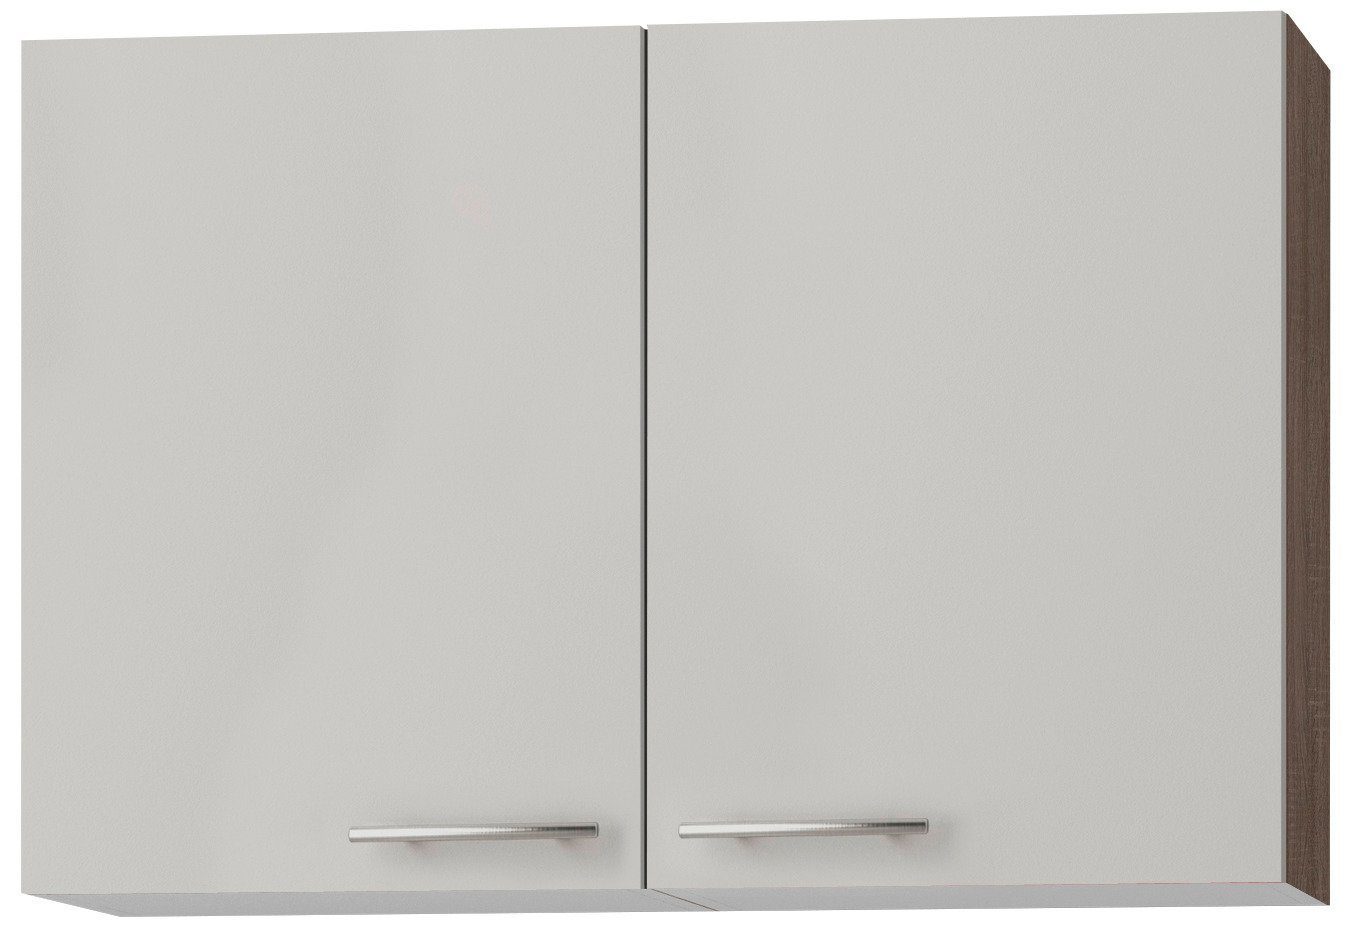 Optifit Küchenhängeschrank »Mika«, Breite 100 cm